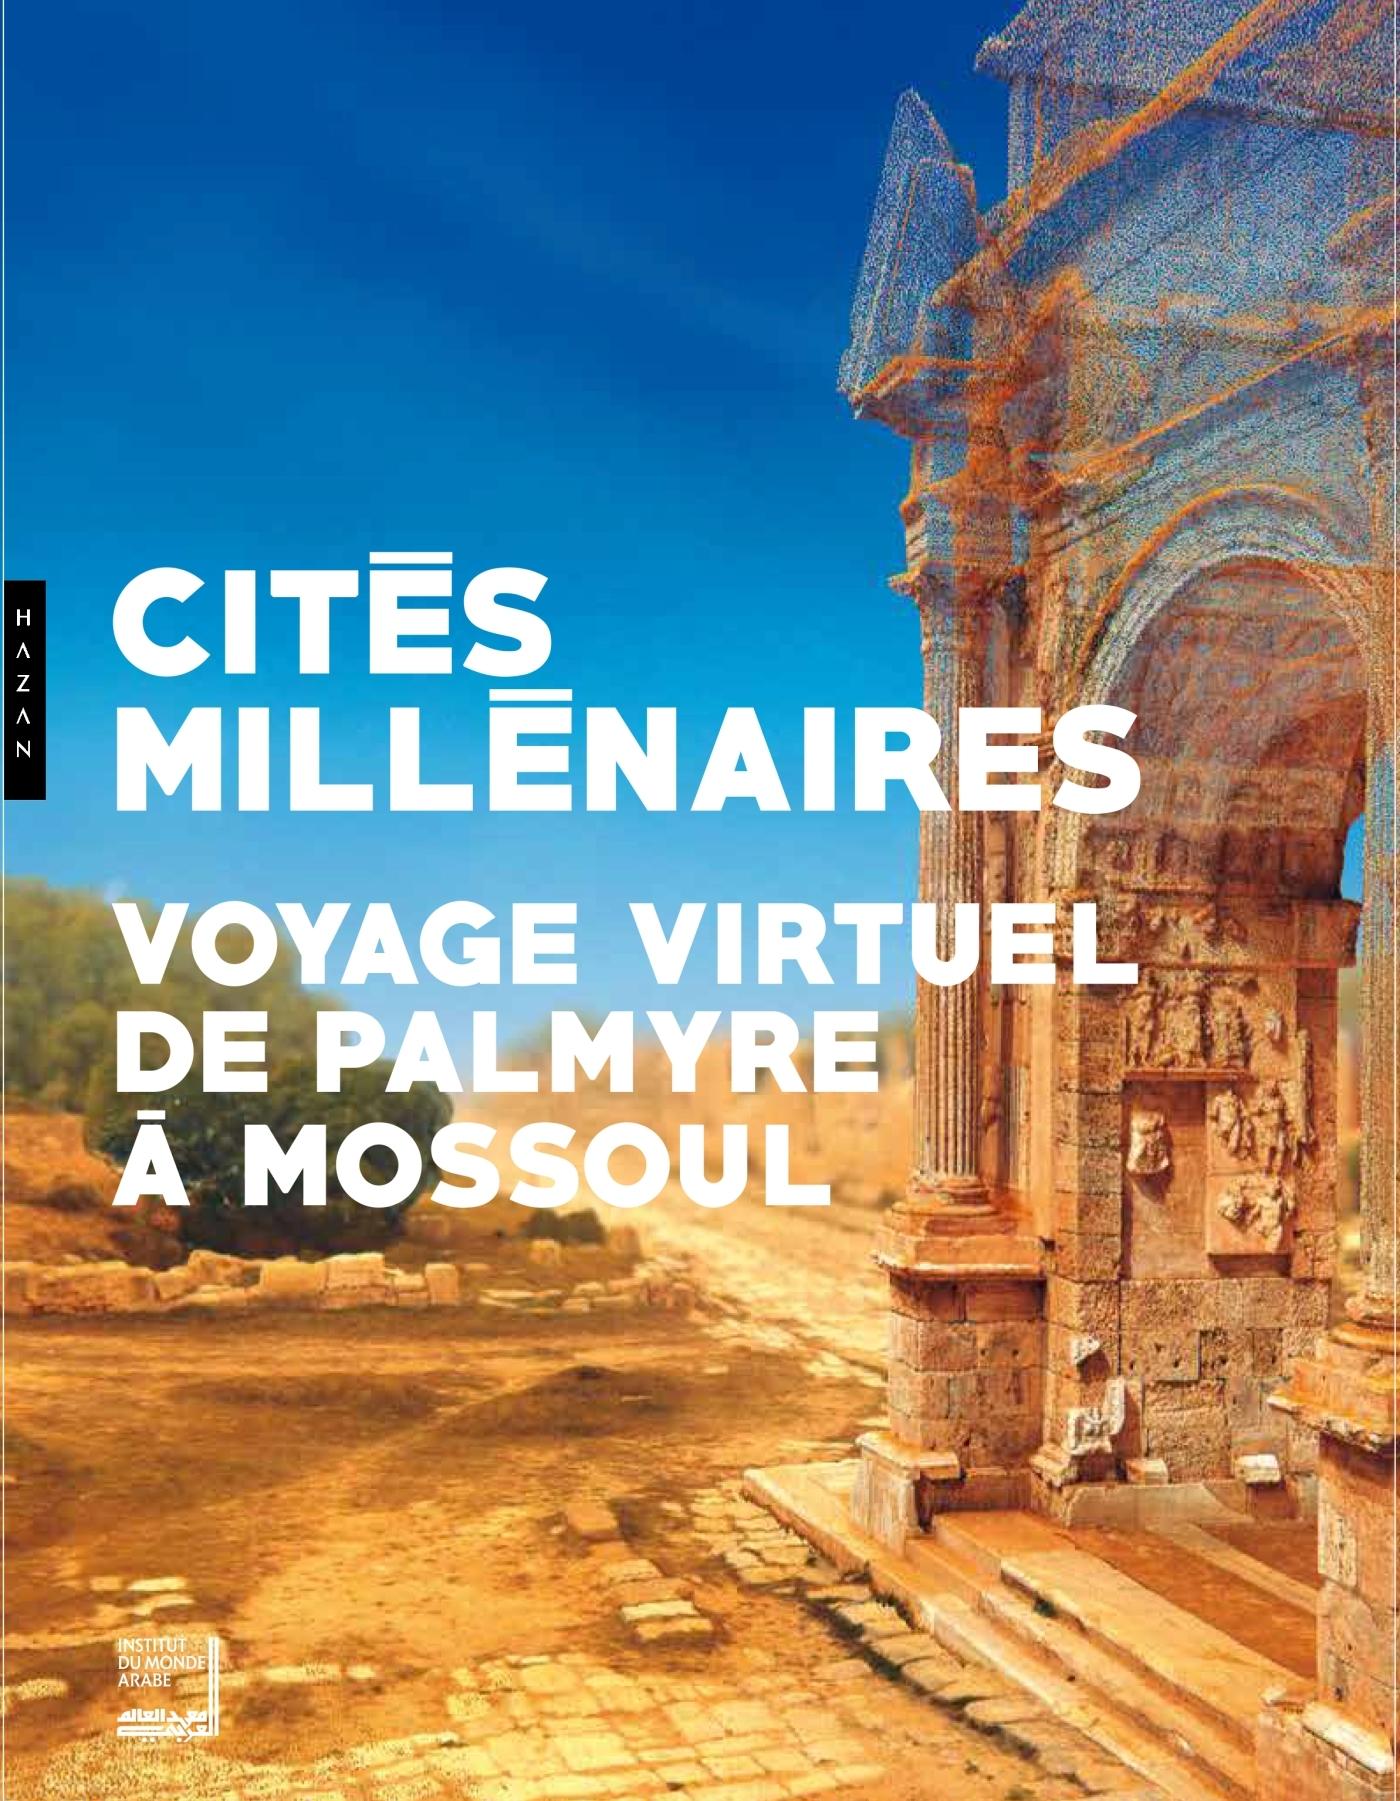 CITES MILLENAIRES. VOYAGE VIRTUEL DE PALMYRE A MOSSOUL